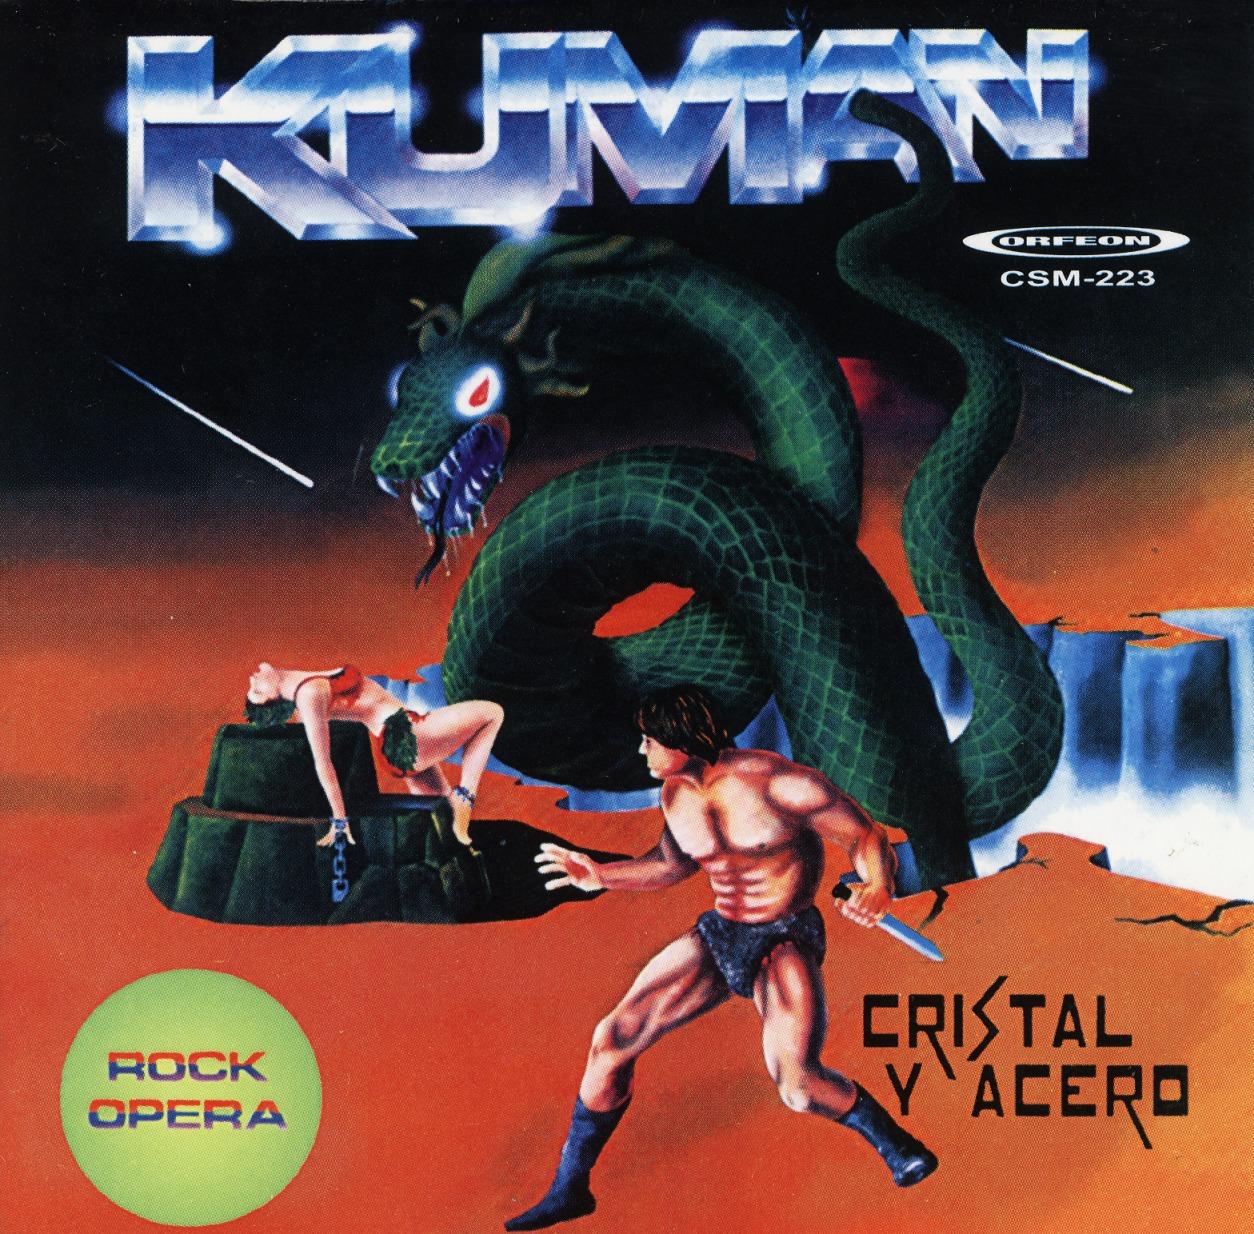 CRISTAL Y ACERO (Mexico) / Kuman